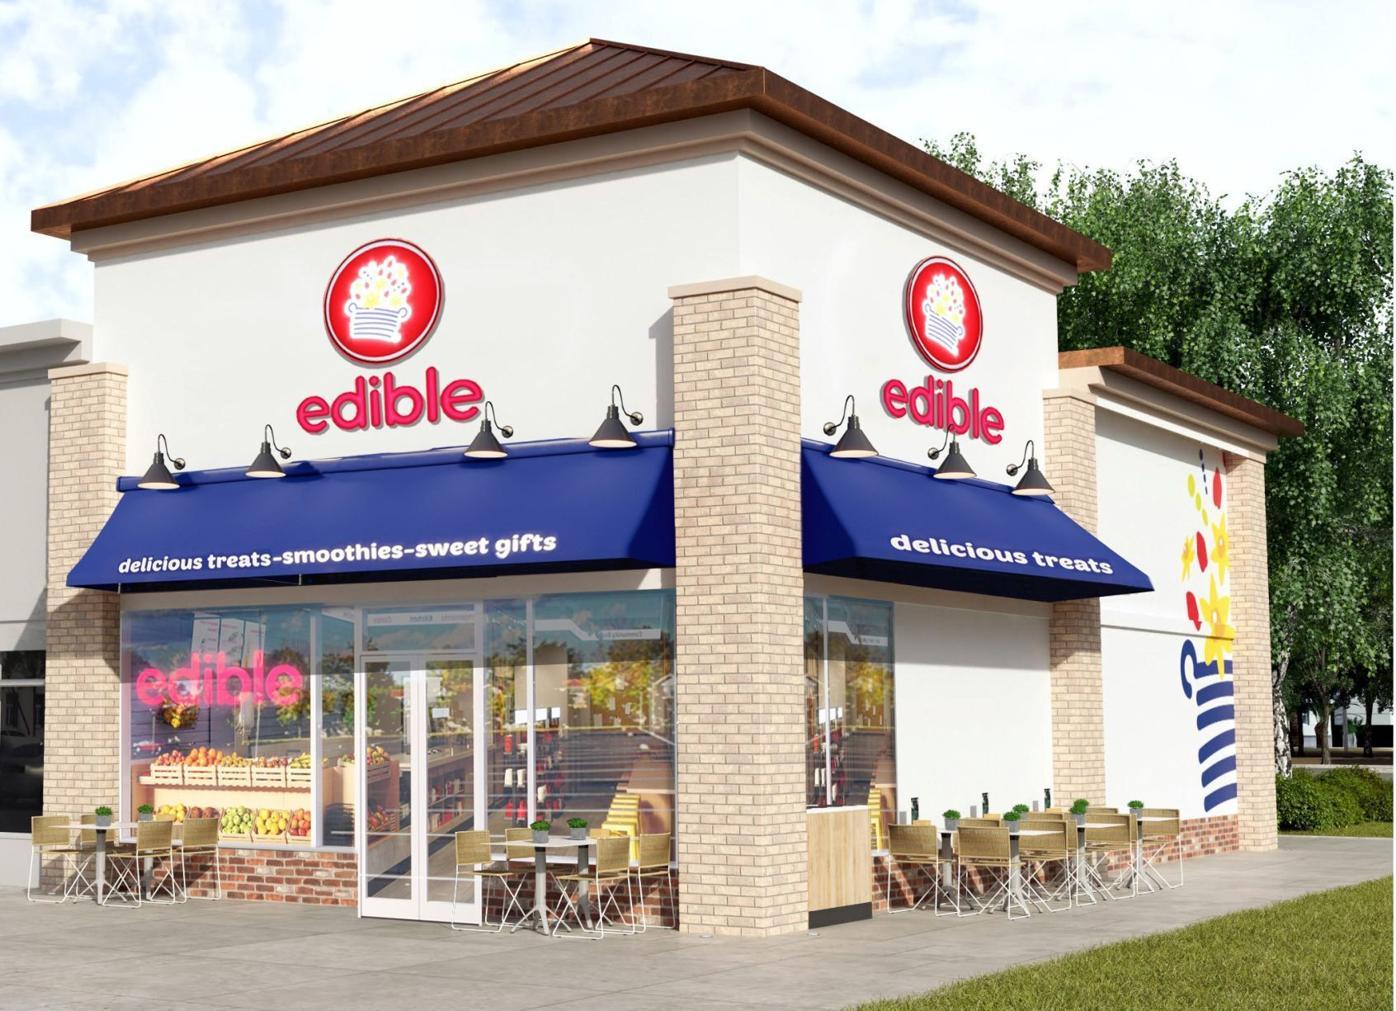 Edible exterior